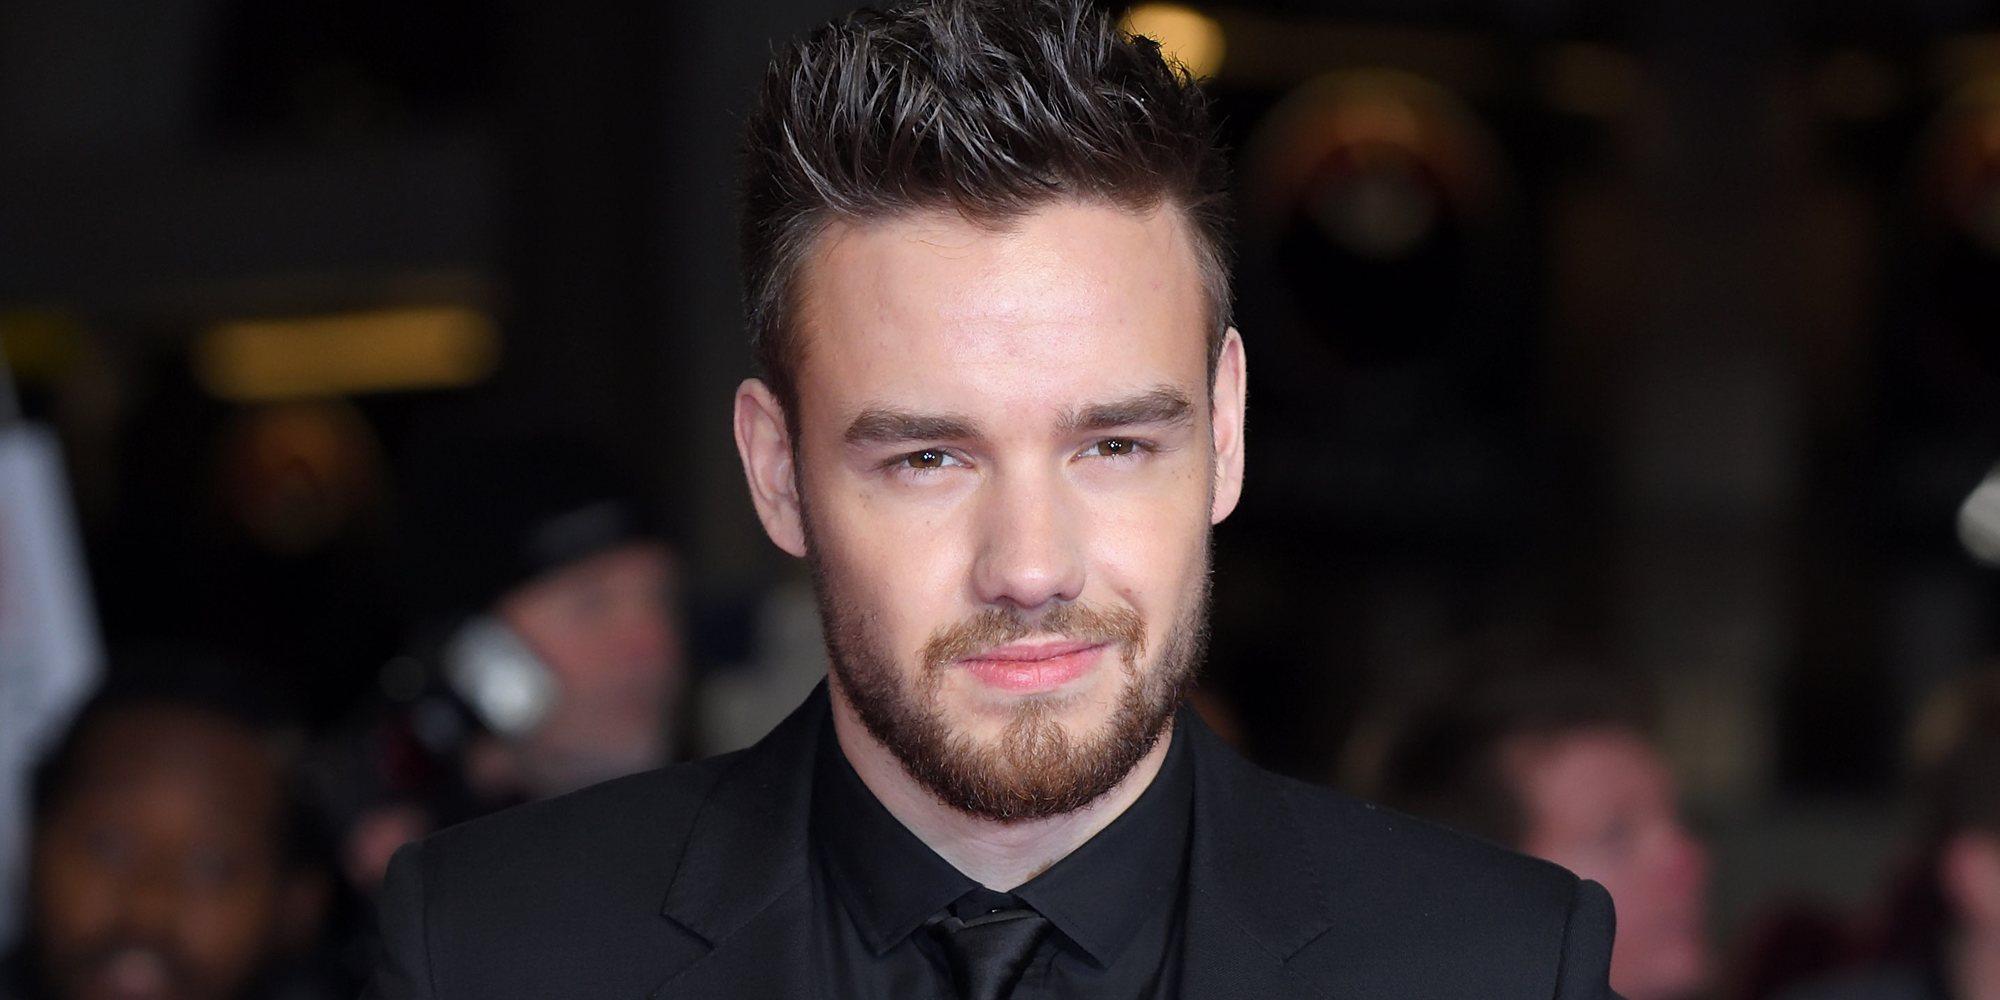 Las 5 mujeres que marcaron la vida de Liam Payne desde que saltó a la fama en 'The X Factor'